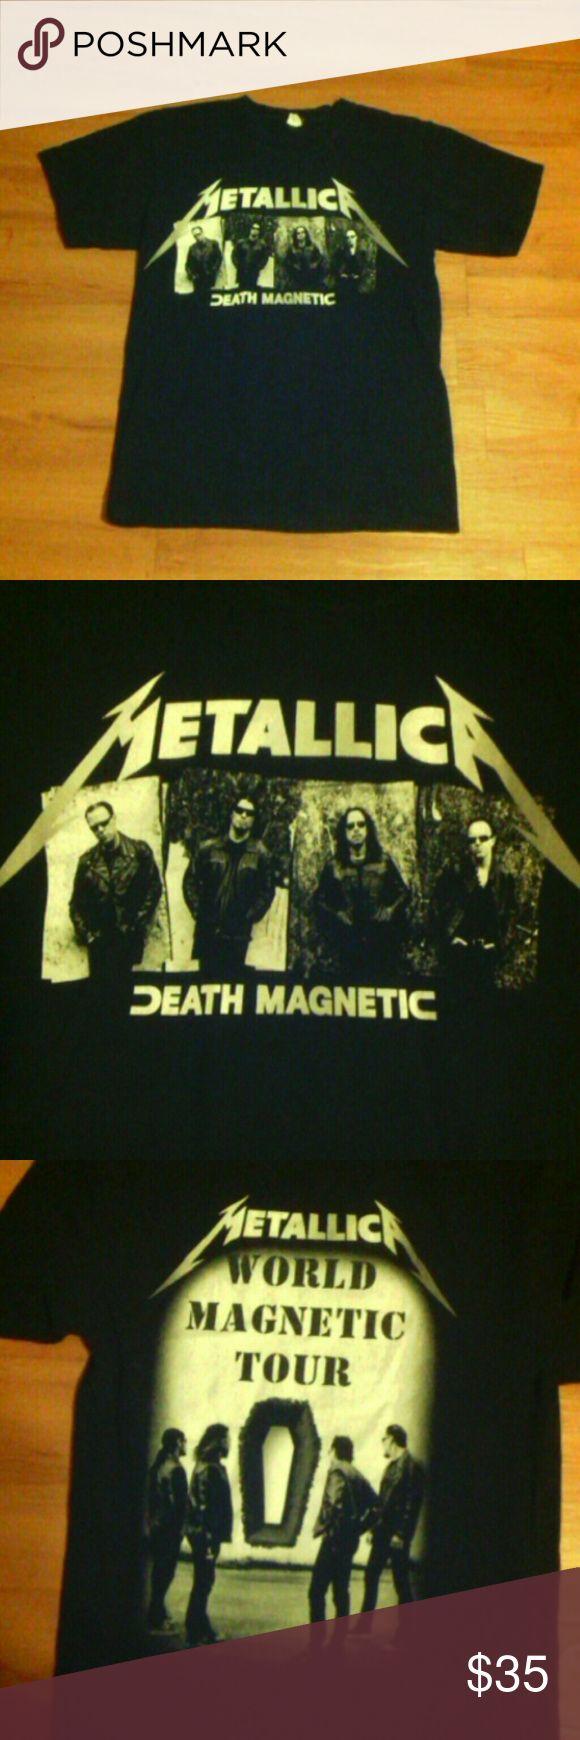 Vintage Metallica Death Magnetic Tour T shirt Sz m, 100% pre-shrunk cotton, World Magnetic Tour Metallica Tops Tees - Short Sleeve